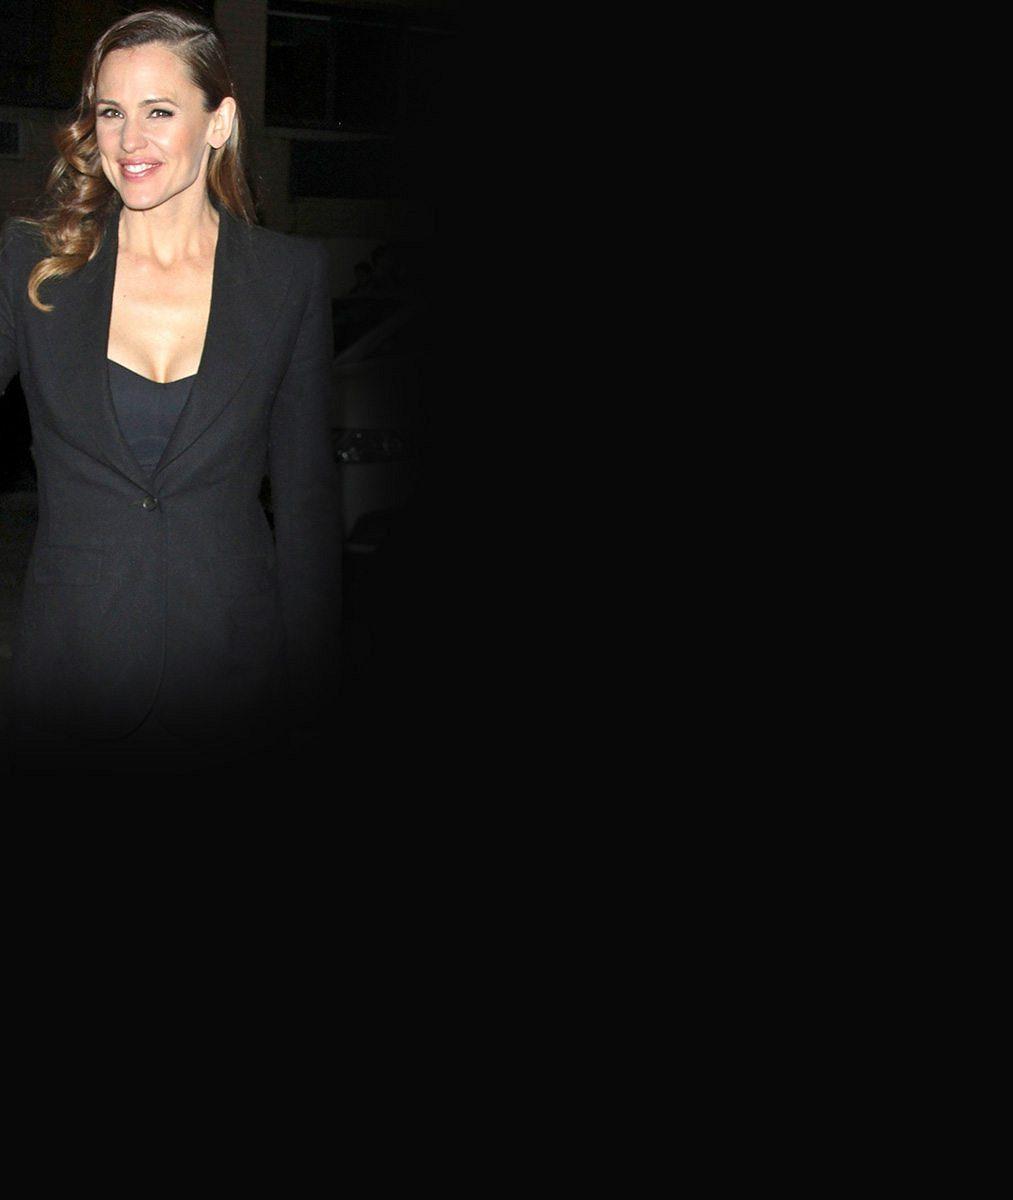 Ex Bena Afflecka se ukázala vplavkách: Trojnásobná máma (48) na sobě dře pětkrát týdně